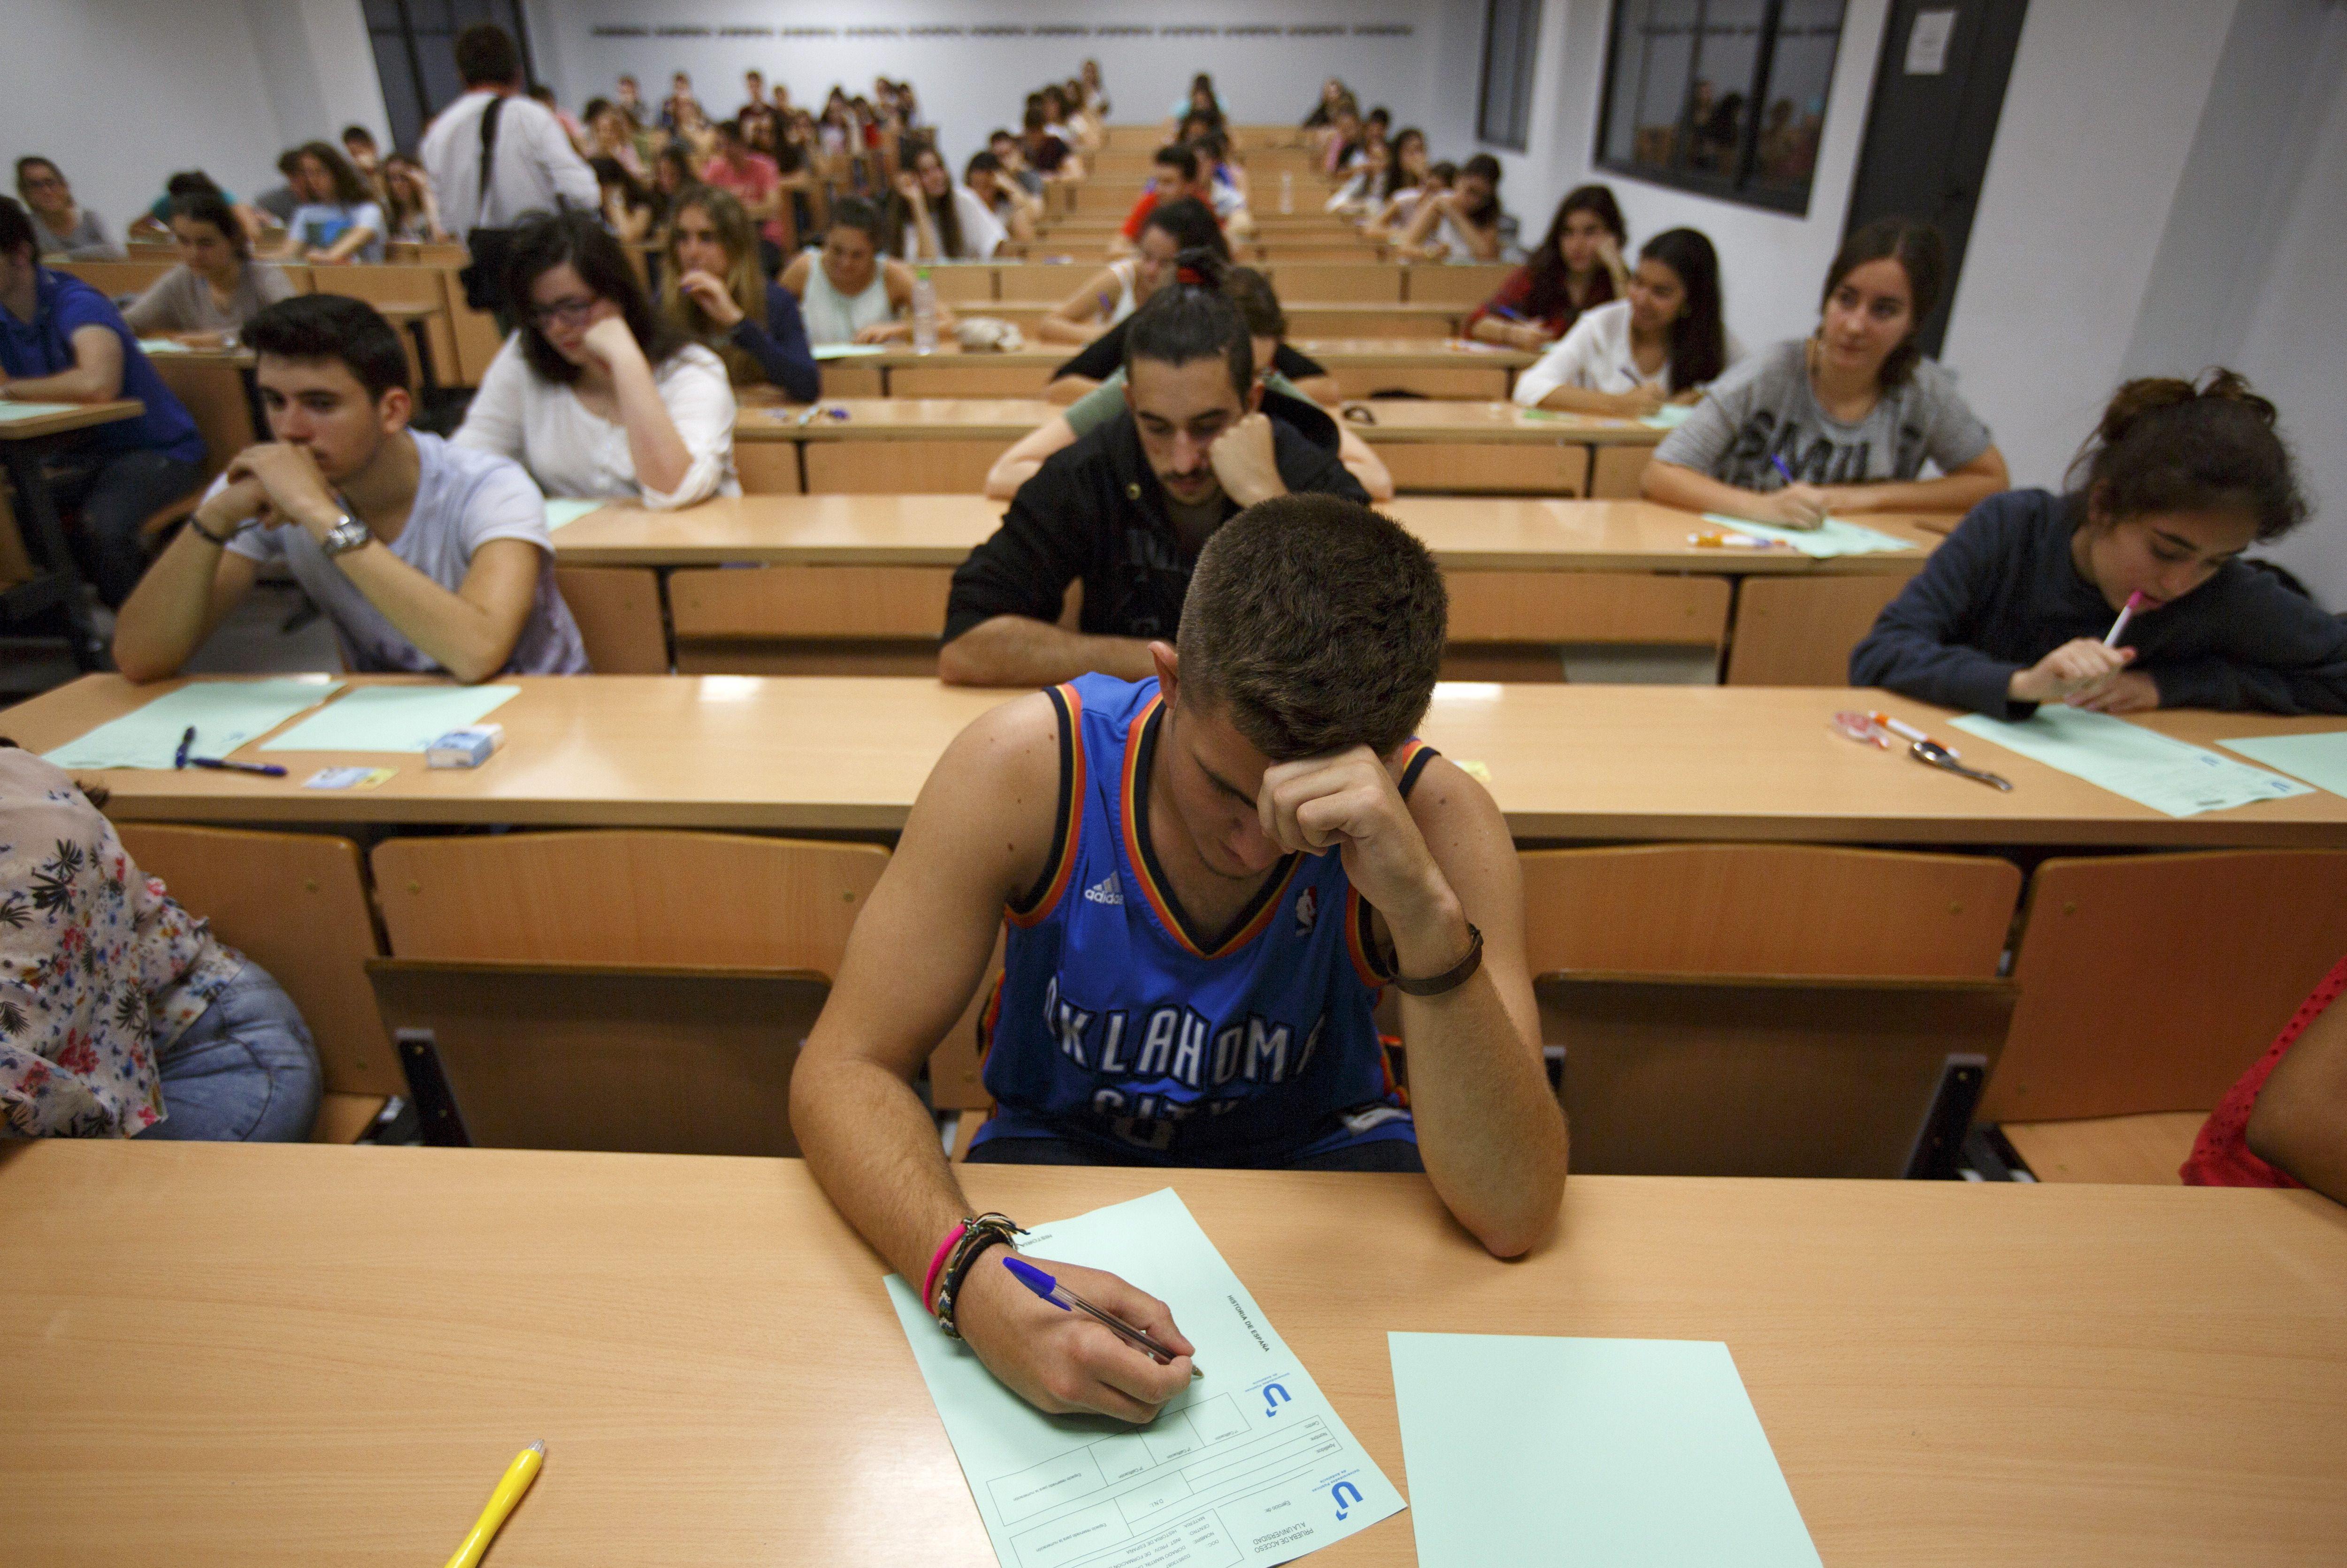 L'obtention d'un diplôme ne suffit pas toujours à enrayer les inégalités de revenus.